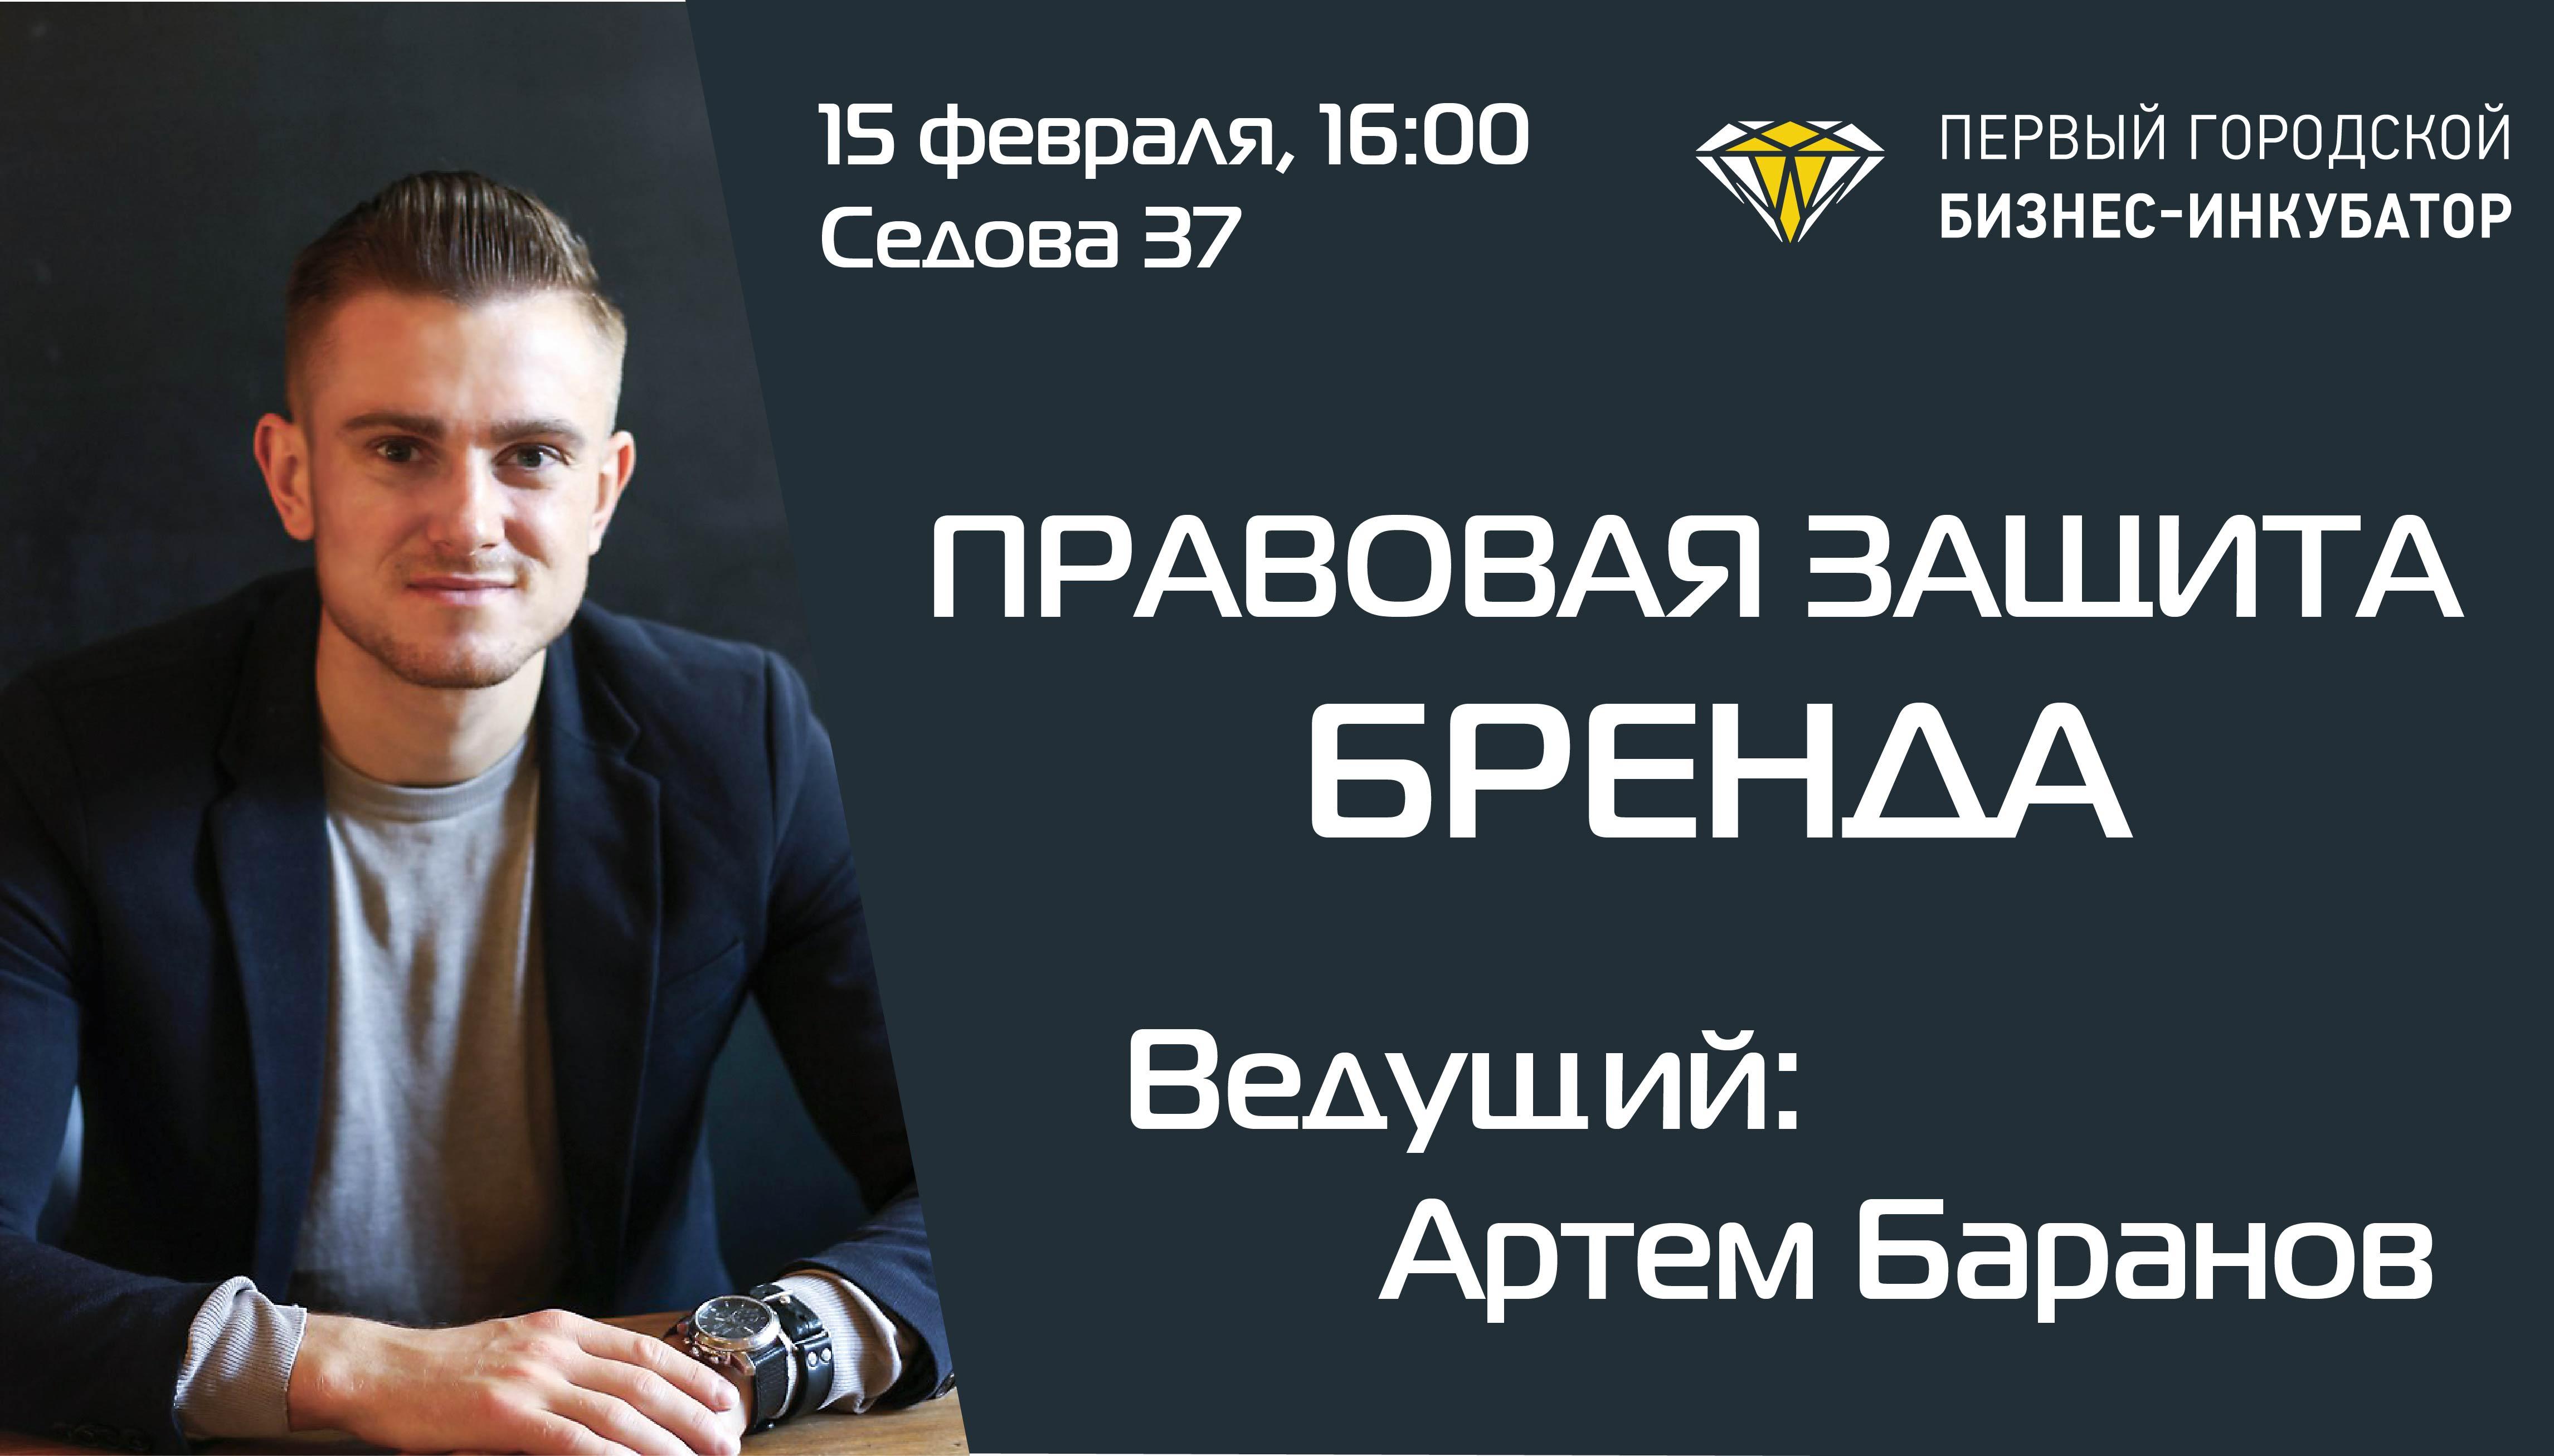 Бесплатный семинар «Правовая защита бренда», 15 февраля